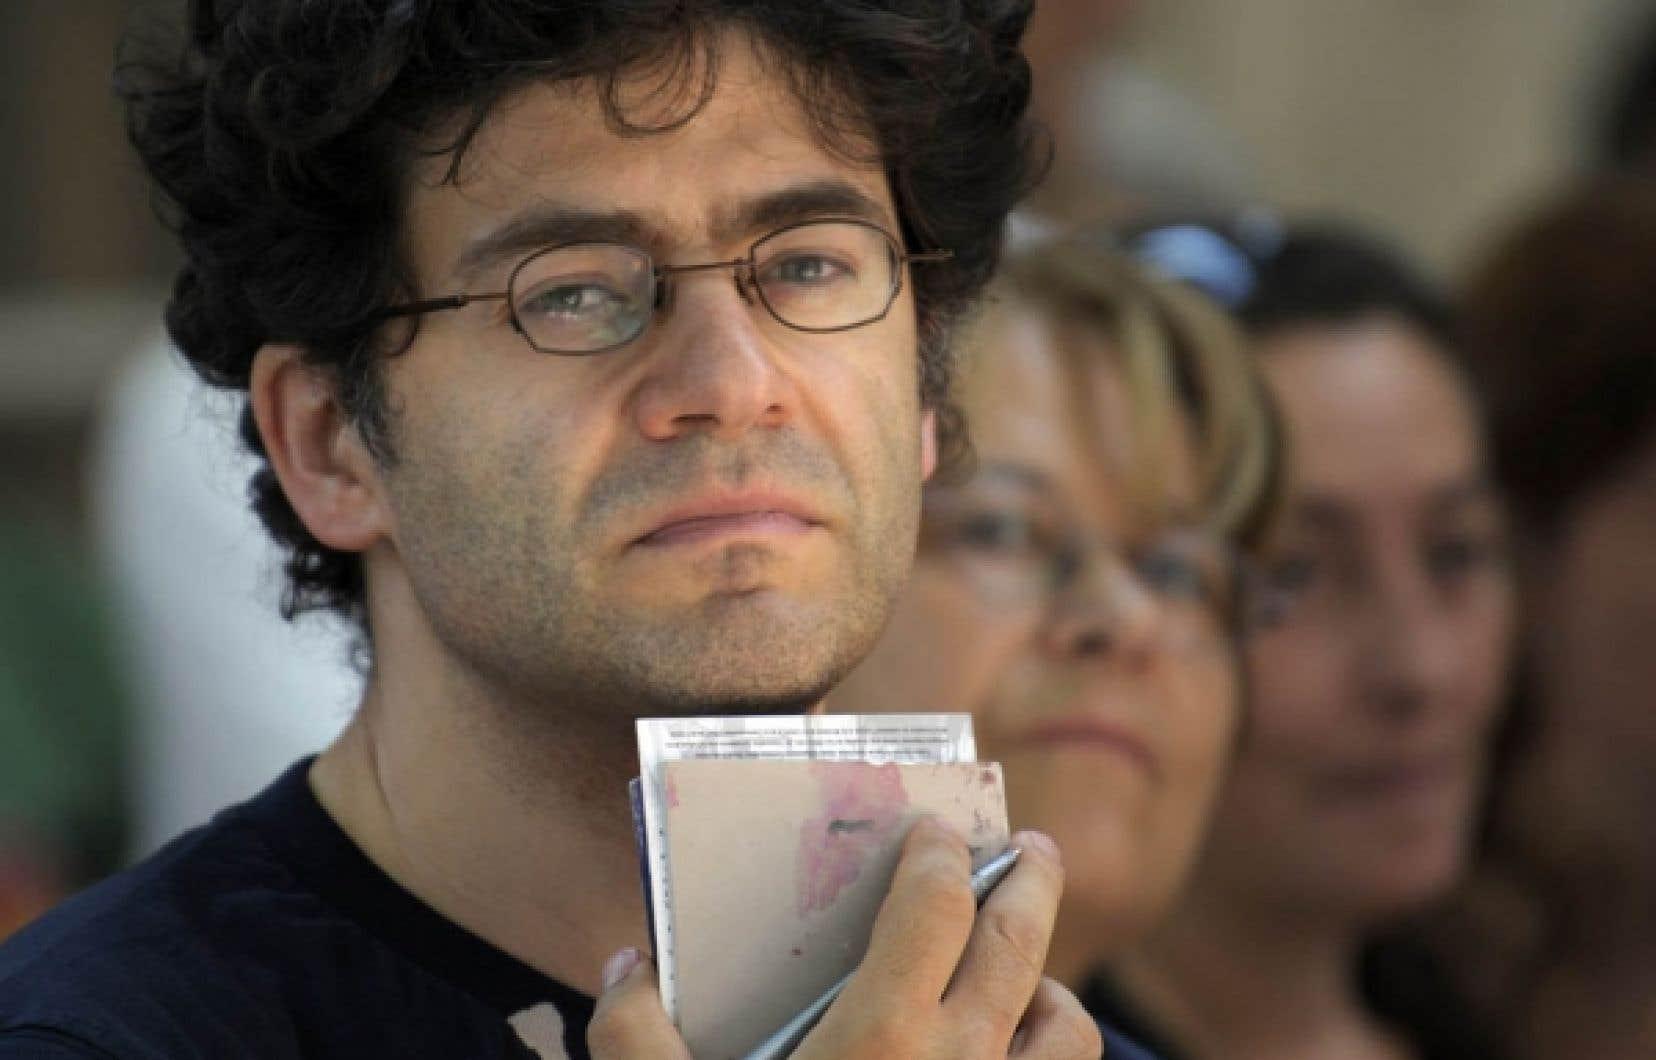 À Lyon, le dramaturge Wajdi Mouawad a répondu aux questions d'étudiants, à la demande de la section Arts de l'École normale supérieure.